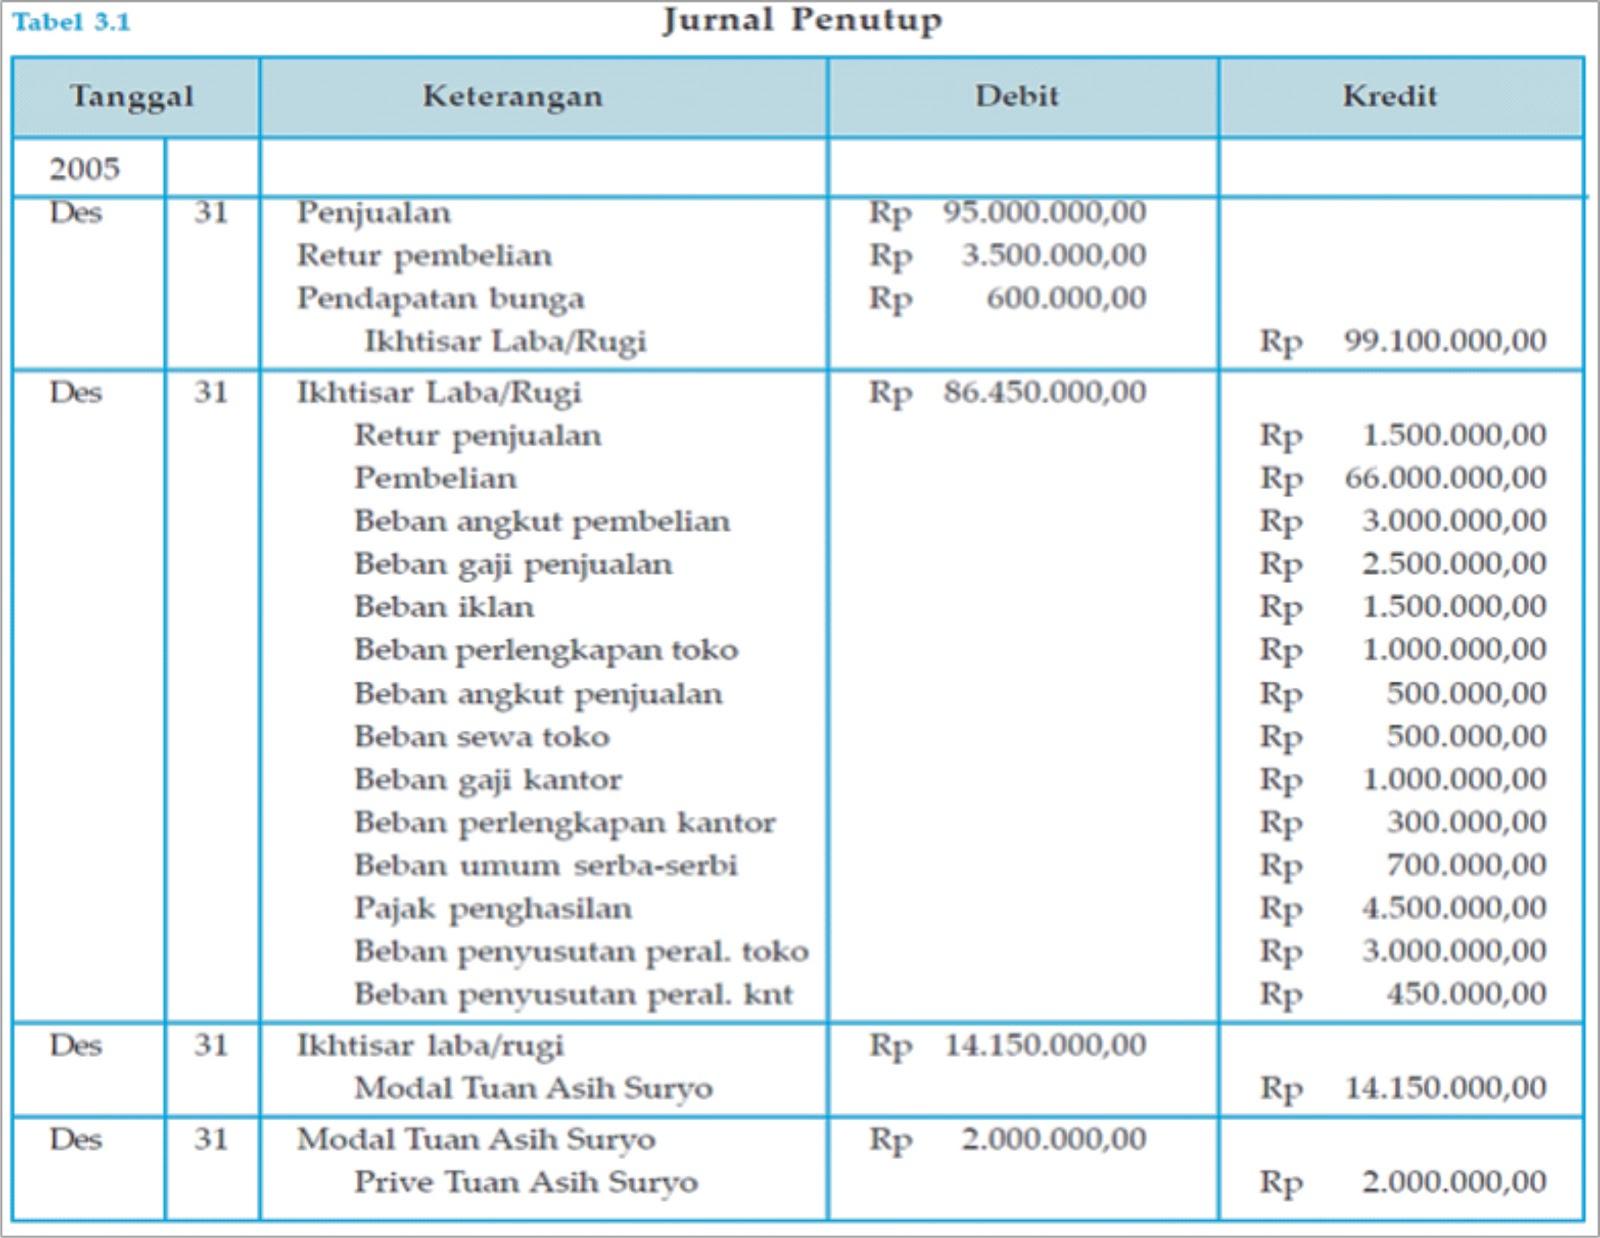 Contoh Proposal Skripsi Akuntansi To Word